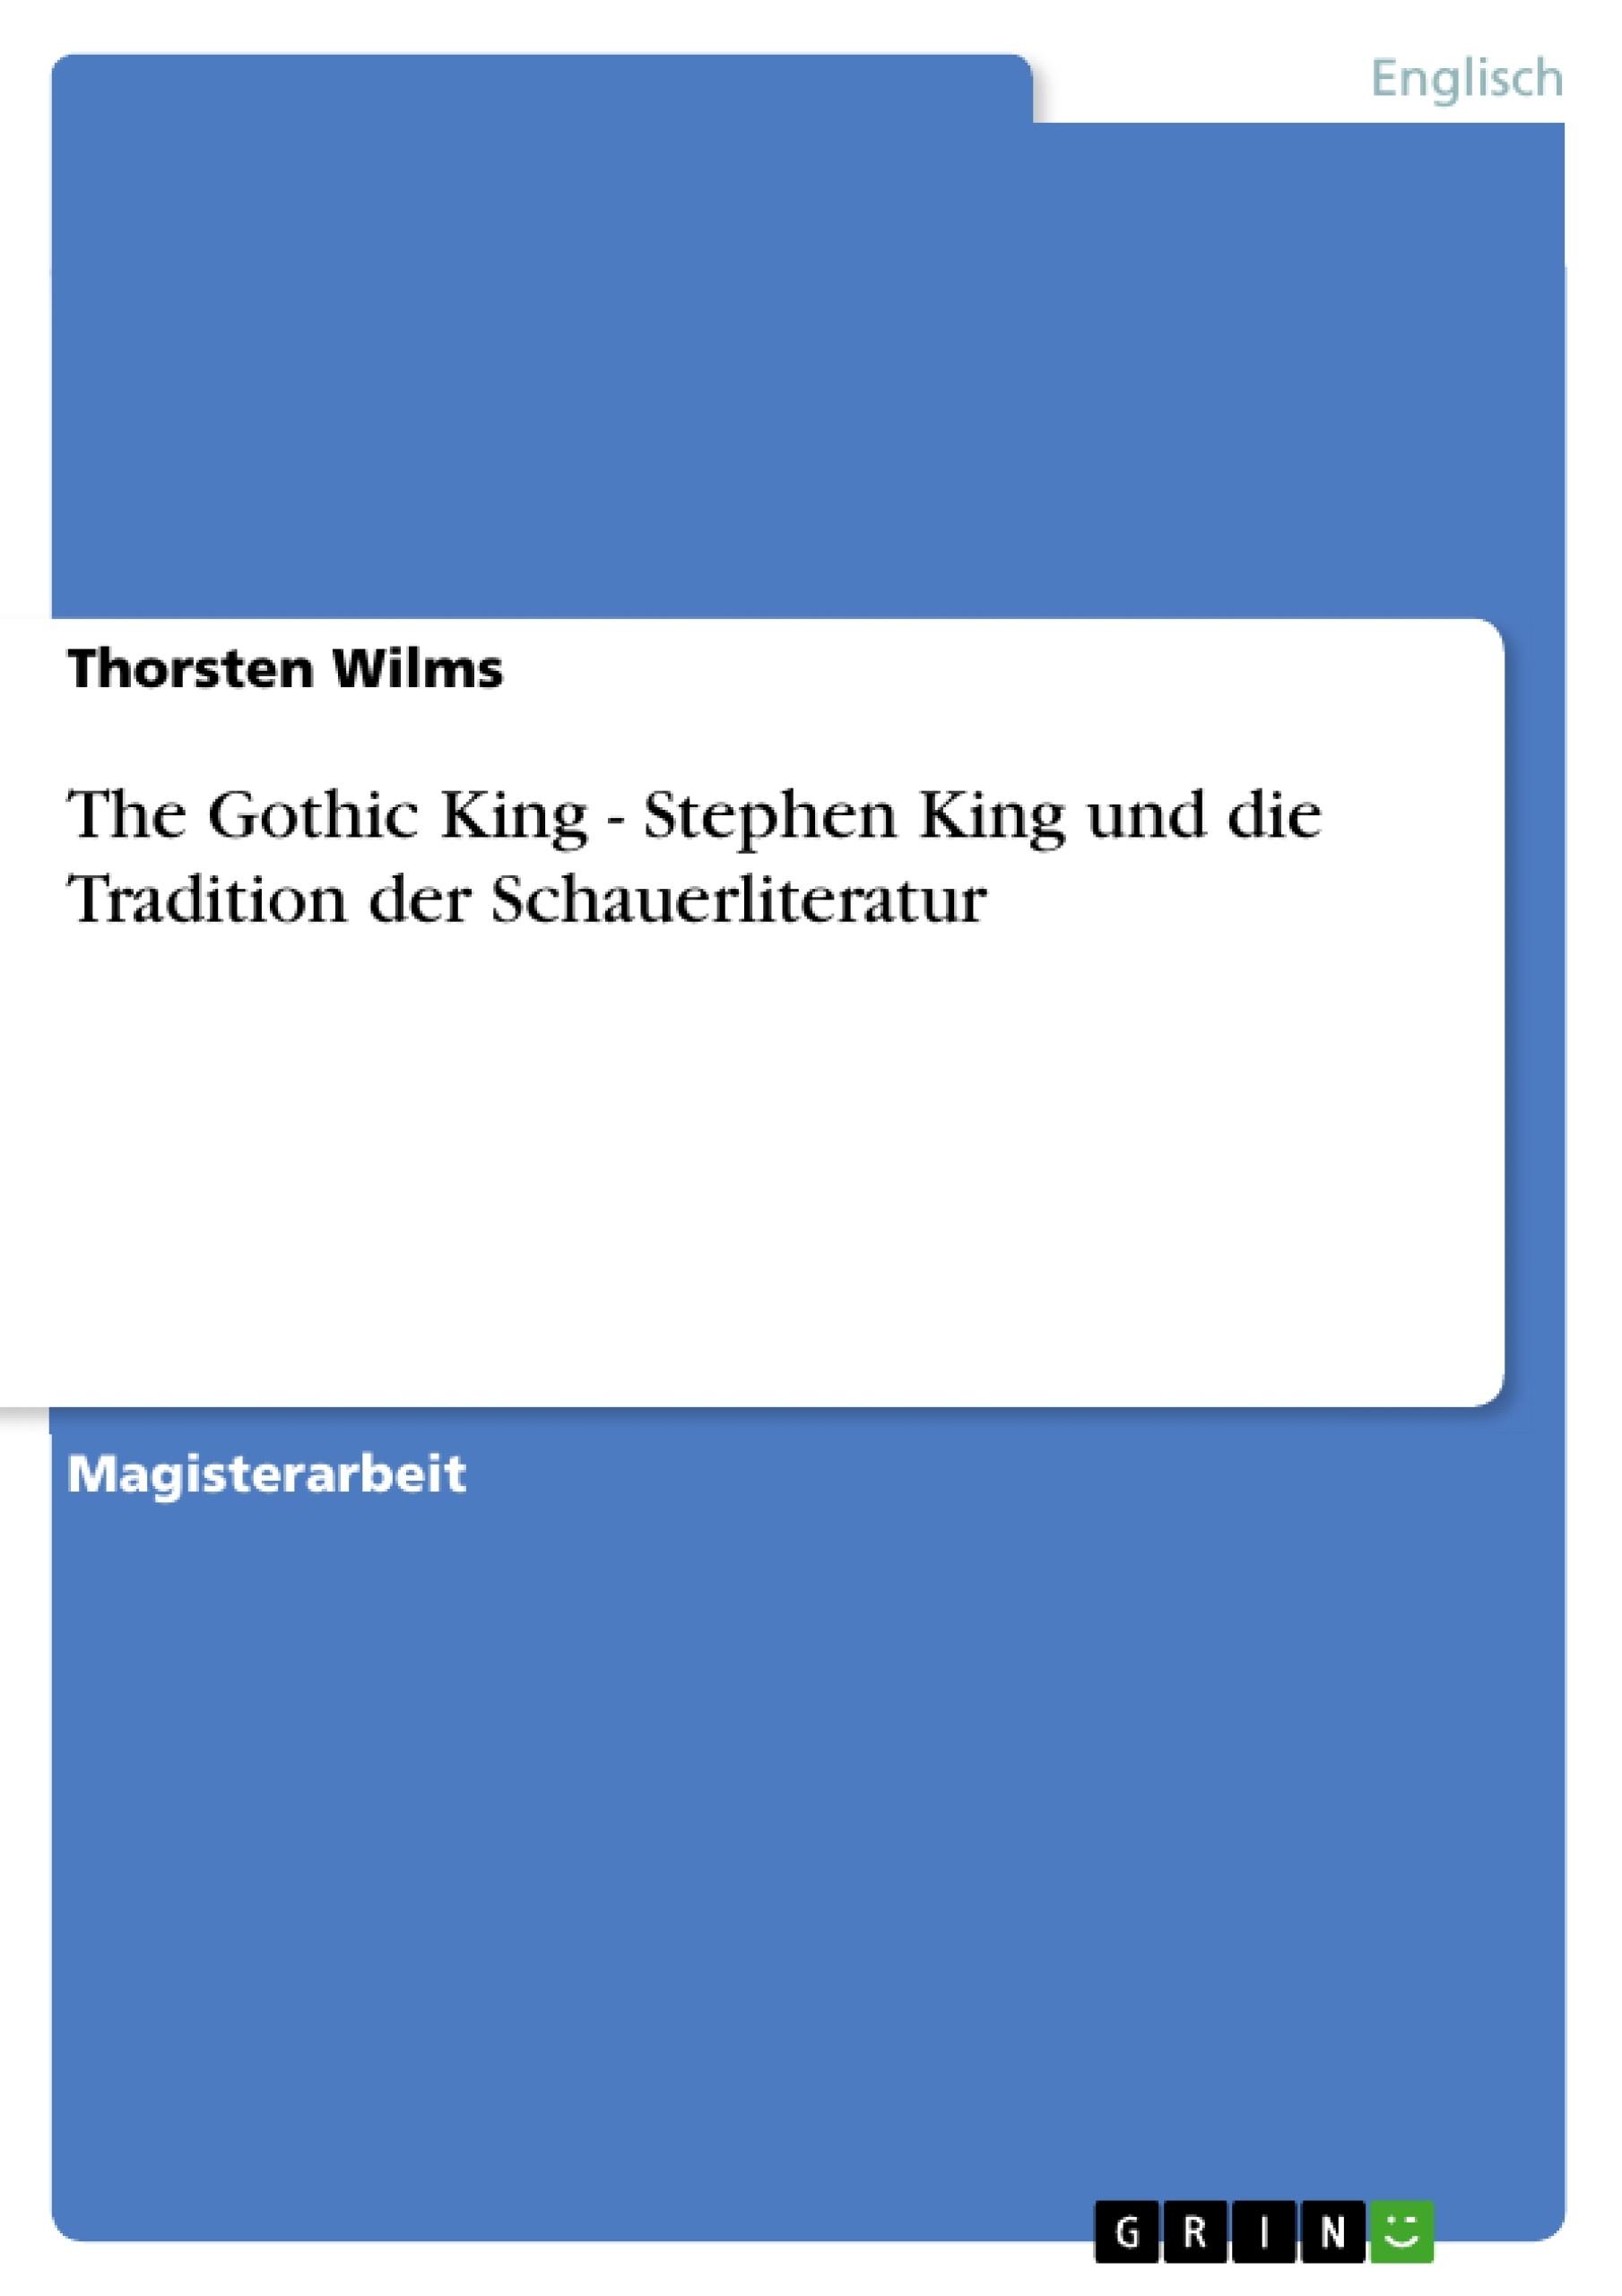 Titel: The Gothic King - Stephen King und die Tradition der Schauerliteratur